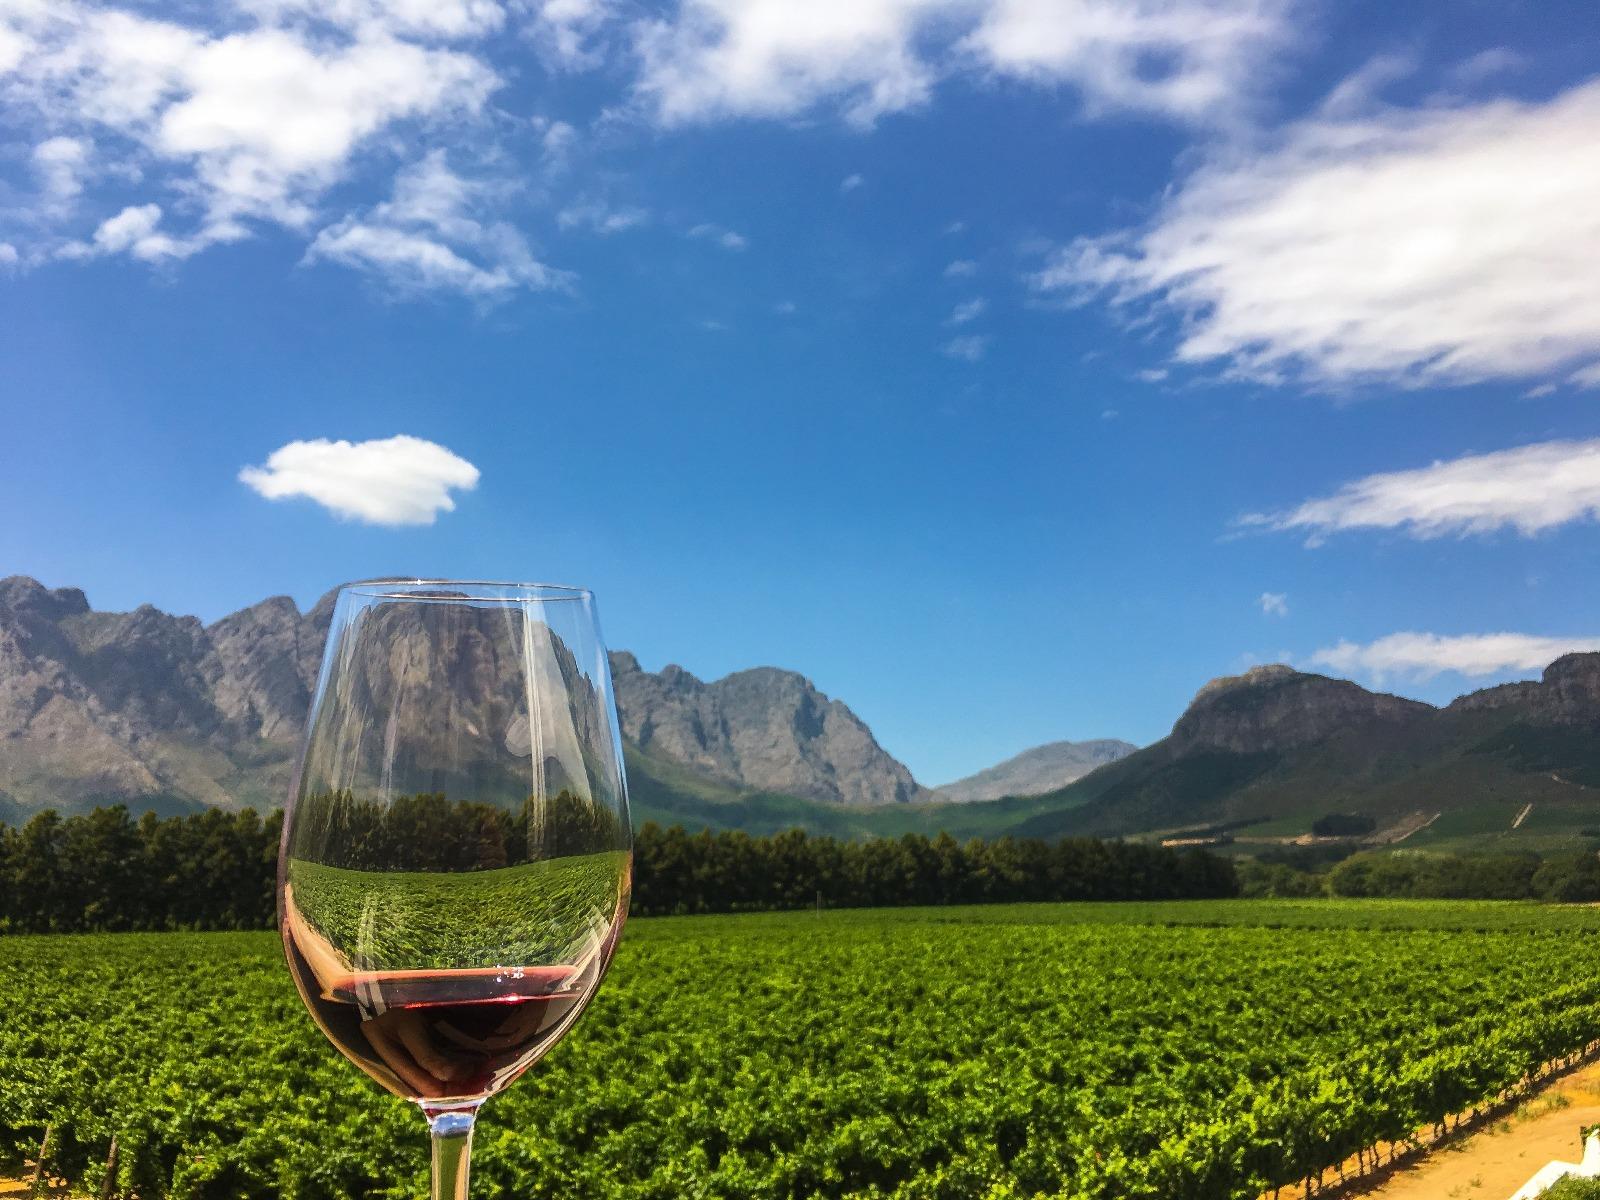 Prik en Tik - Wijnstreken - Herkomst van wijn proeven